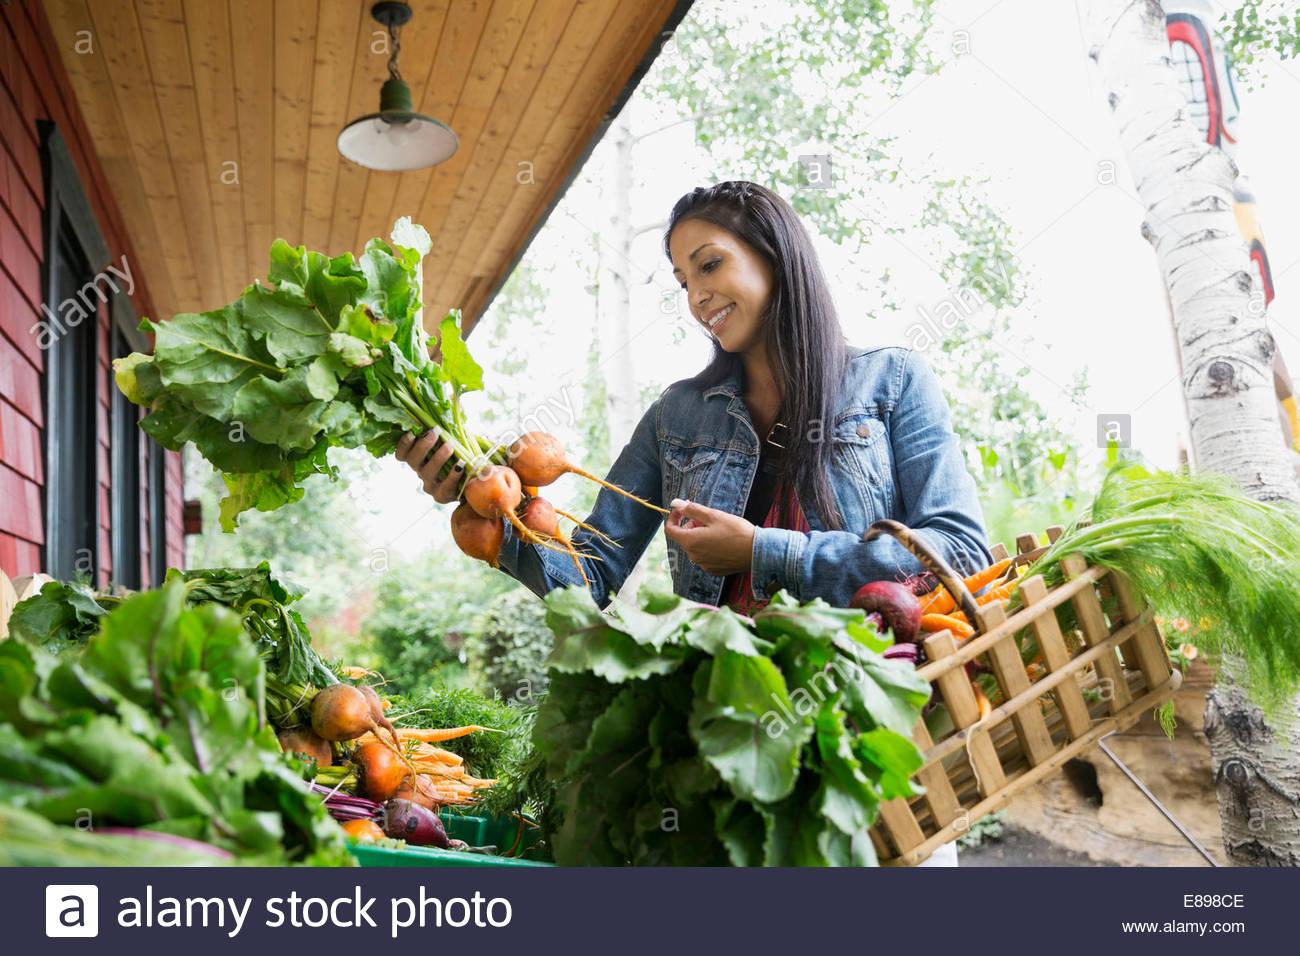 Frau shopping für frische außen Gemüsemarkt Stockbild